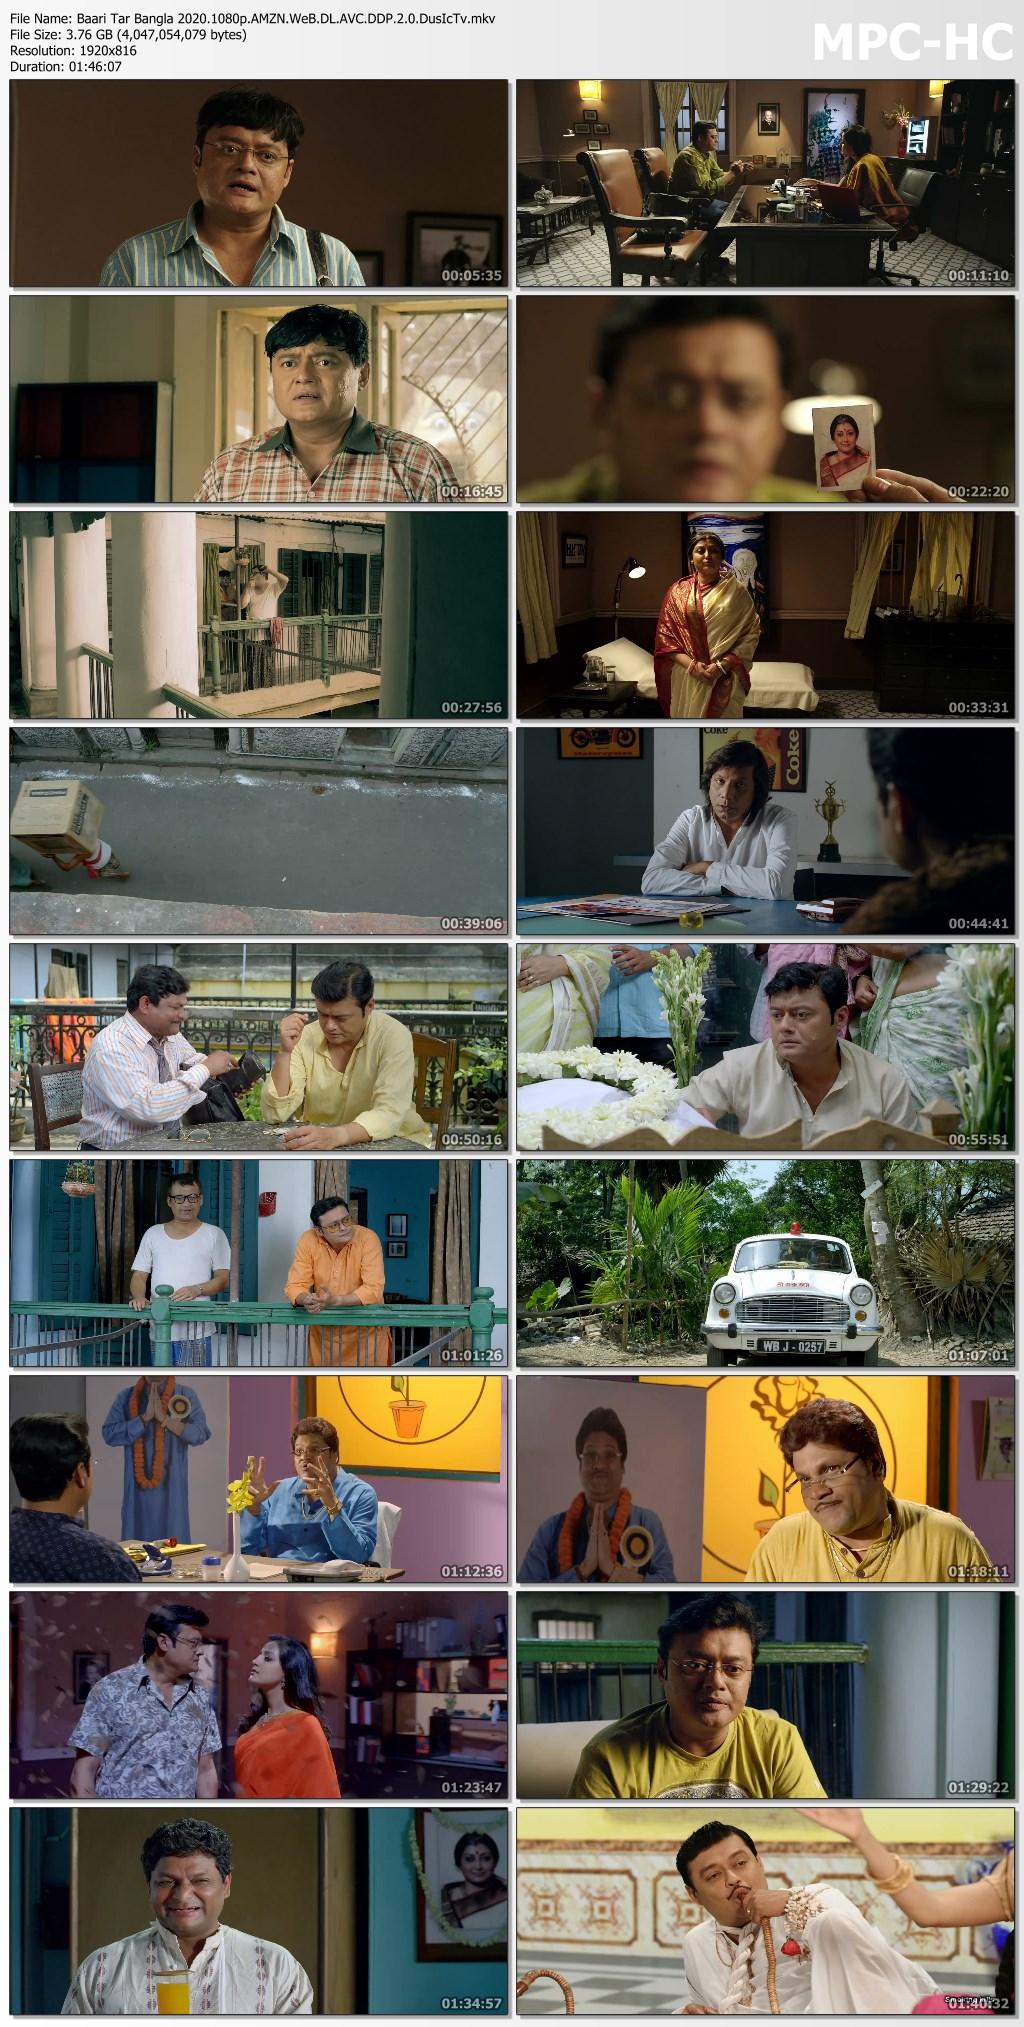 Baari Tar Bangla 2020.1080p.AMZN.WeB.DL.AVC.DDP.2.0.DusIcTv.mkv thumbs